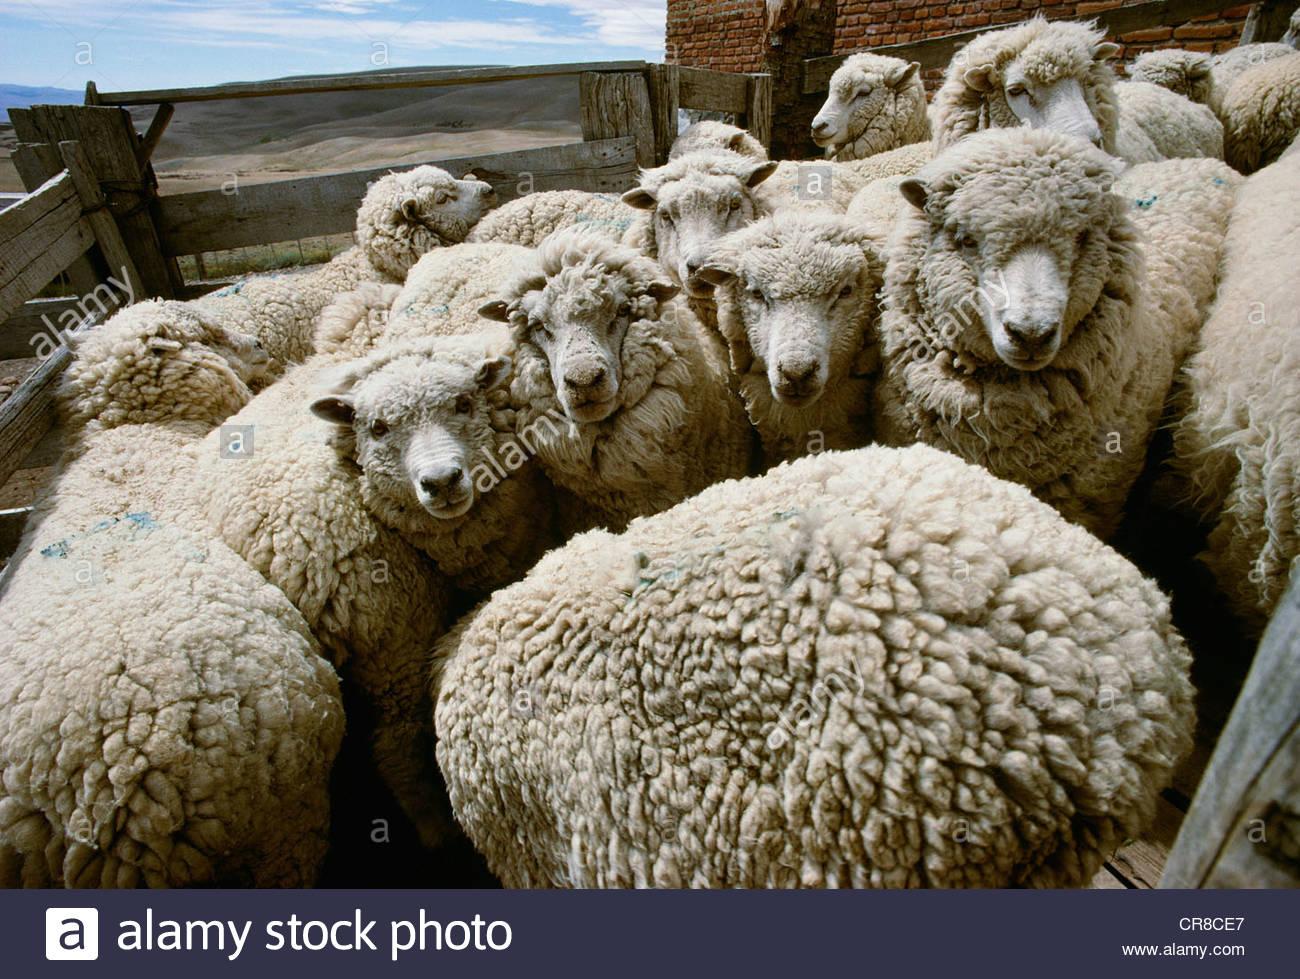 Moutons dans des enclos pour la tonte, Patagonie, Argentine Photo Stock